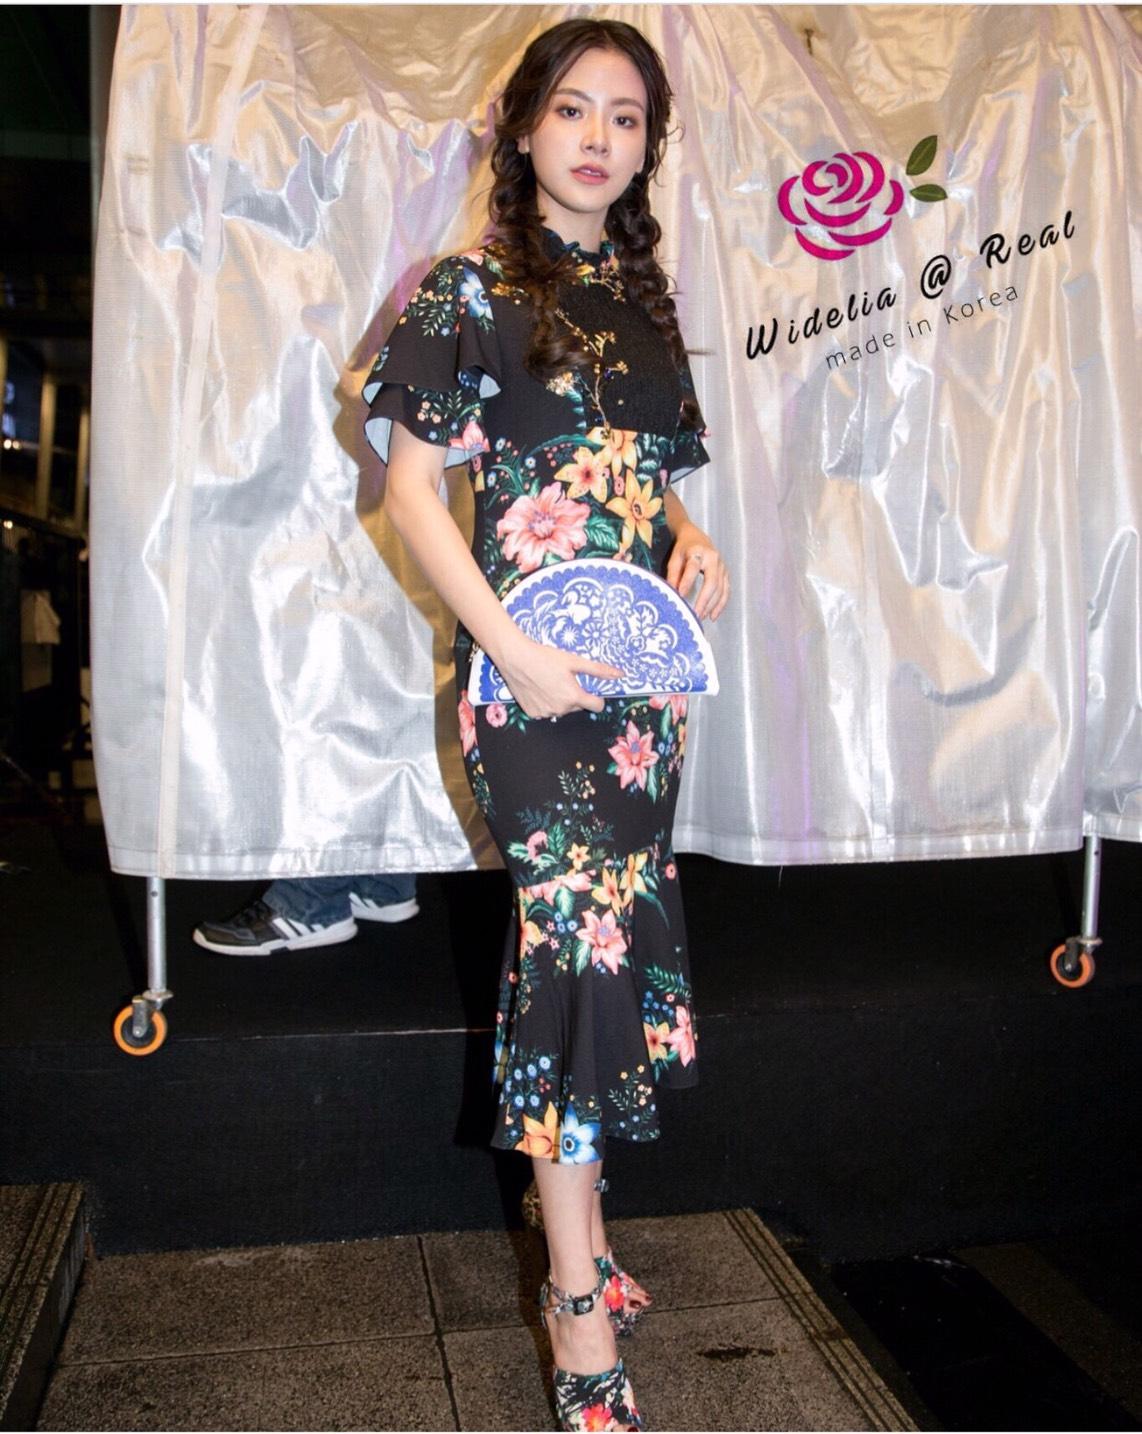 Dress เดรสแขนสั้น เนื้อผ้าพิมพ์ลายทั้งตัว สีสันลวดลายสวยและเป๊ะมาก